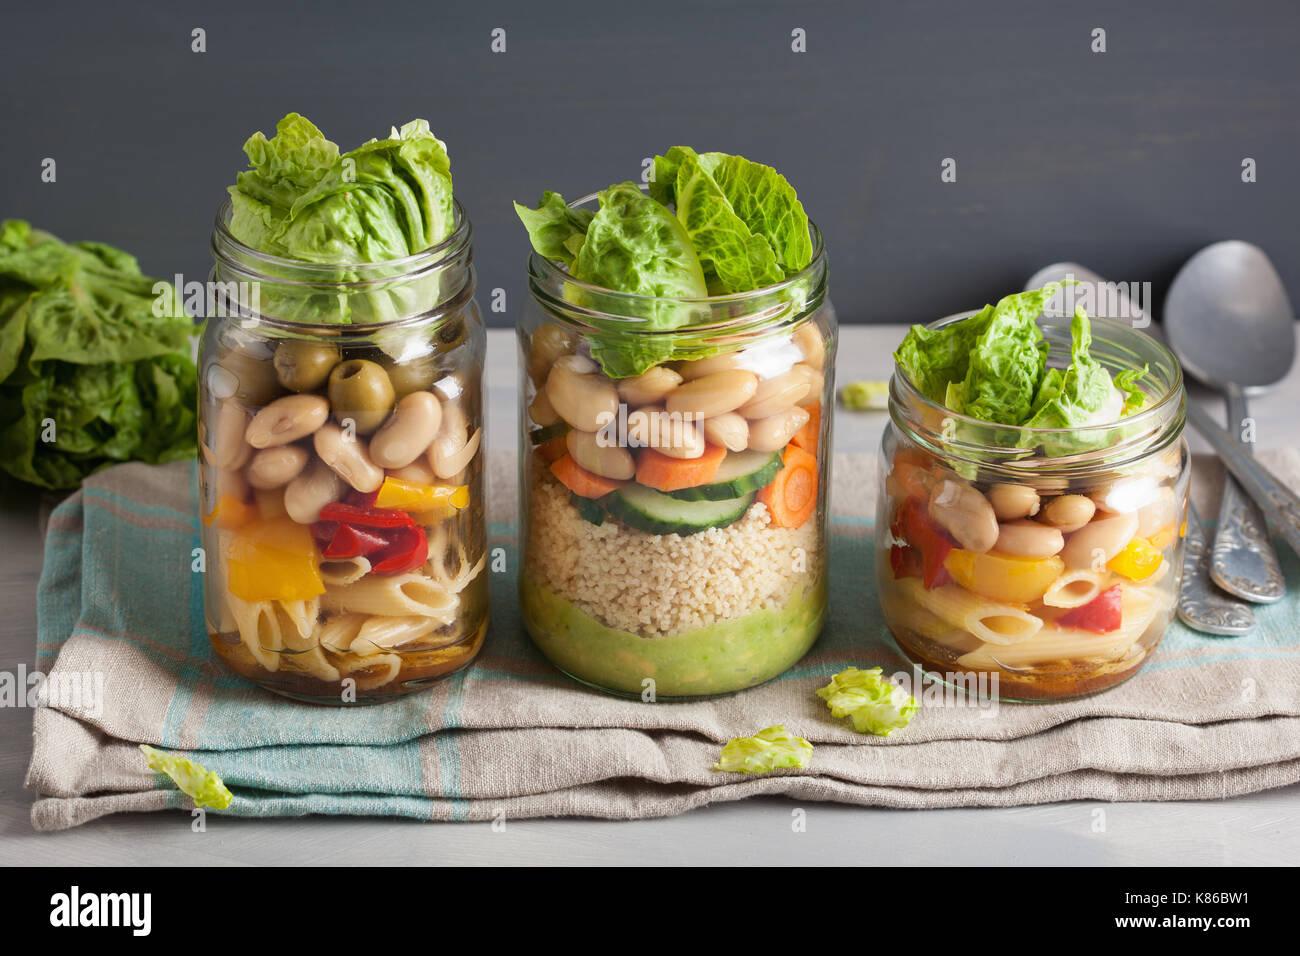 Veganes Couscous und Pasta Salat in Mason Gläser mit Gemüse-Bohnen Stockfoto